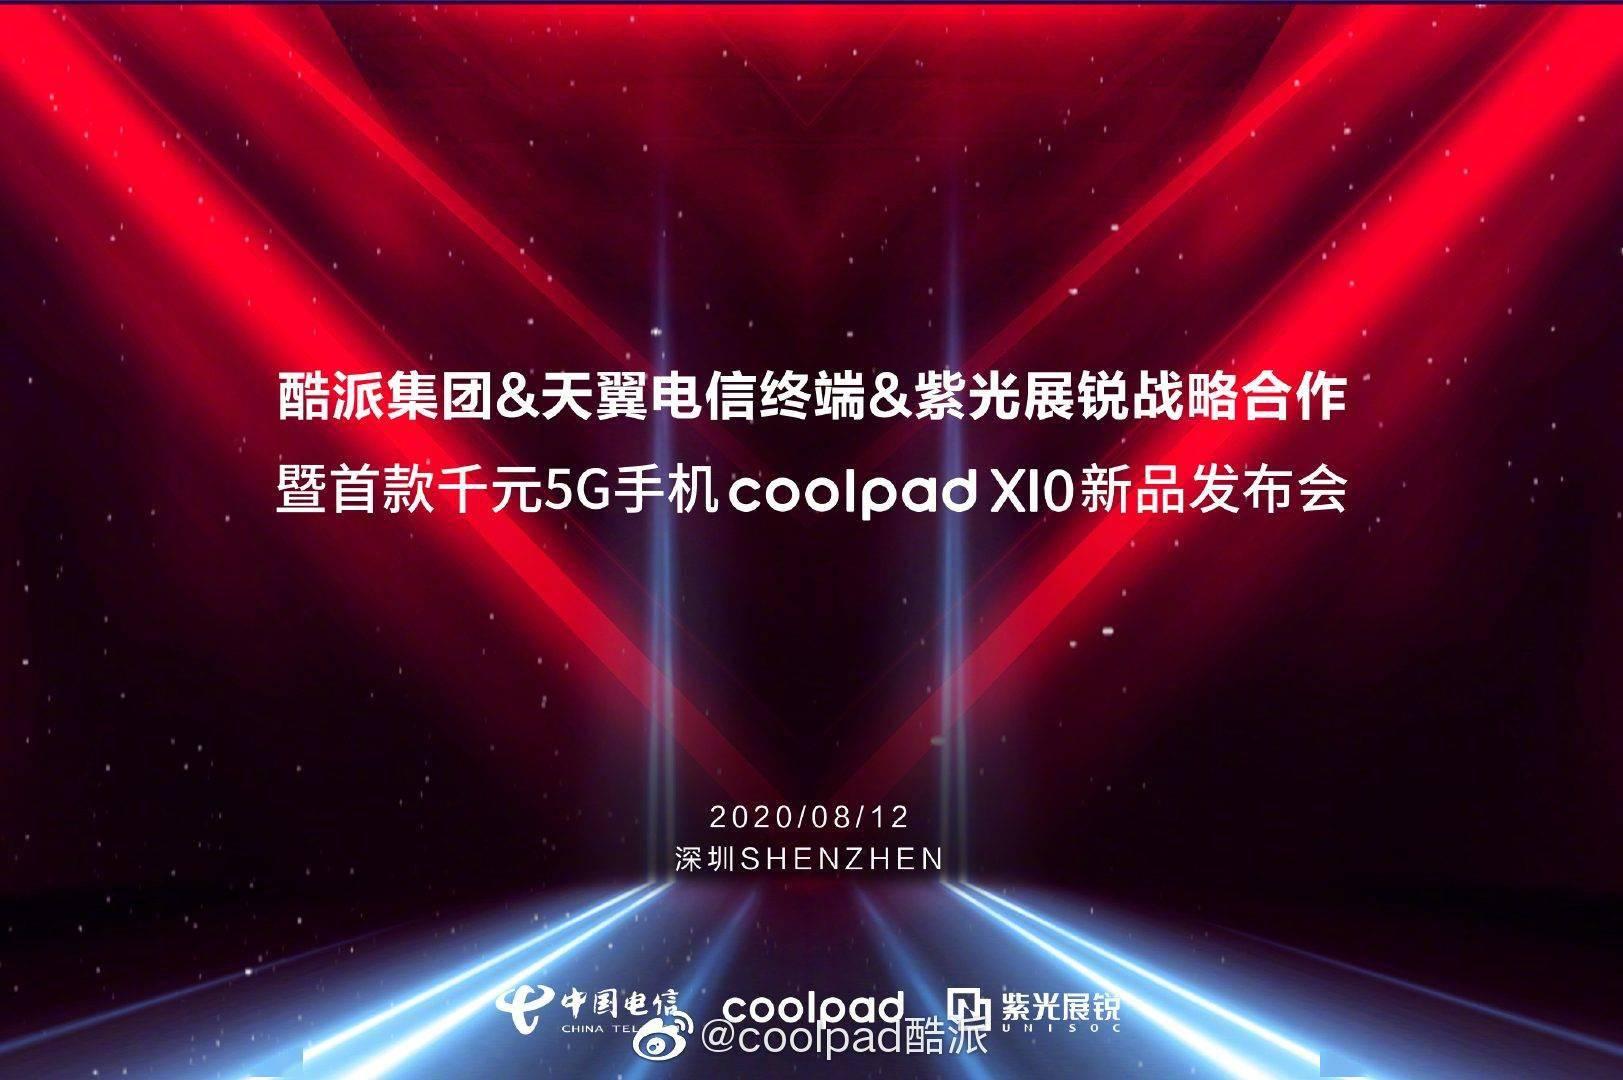 酷派回来了:将于8月12日推出其首款千元5G手机